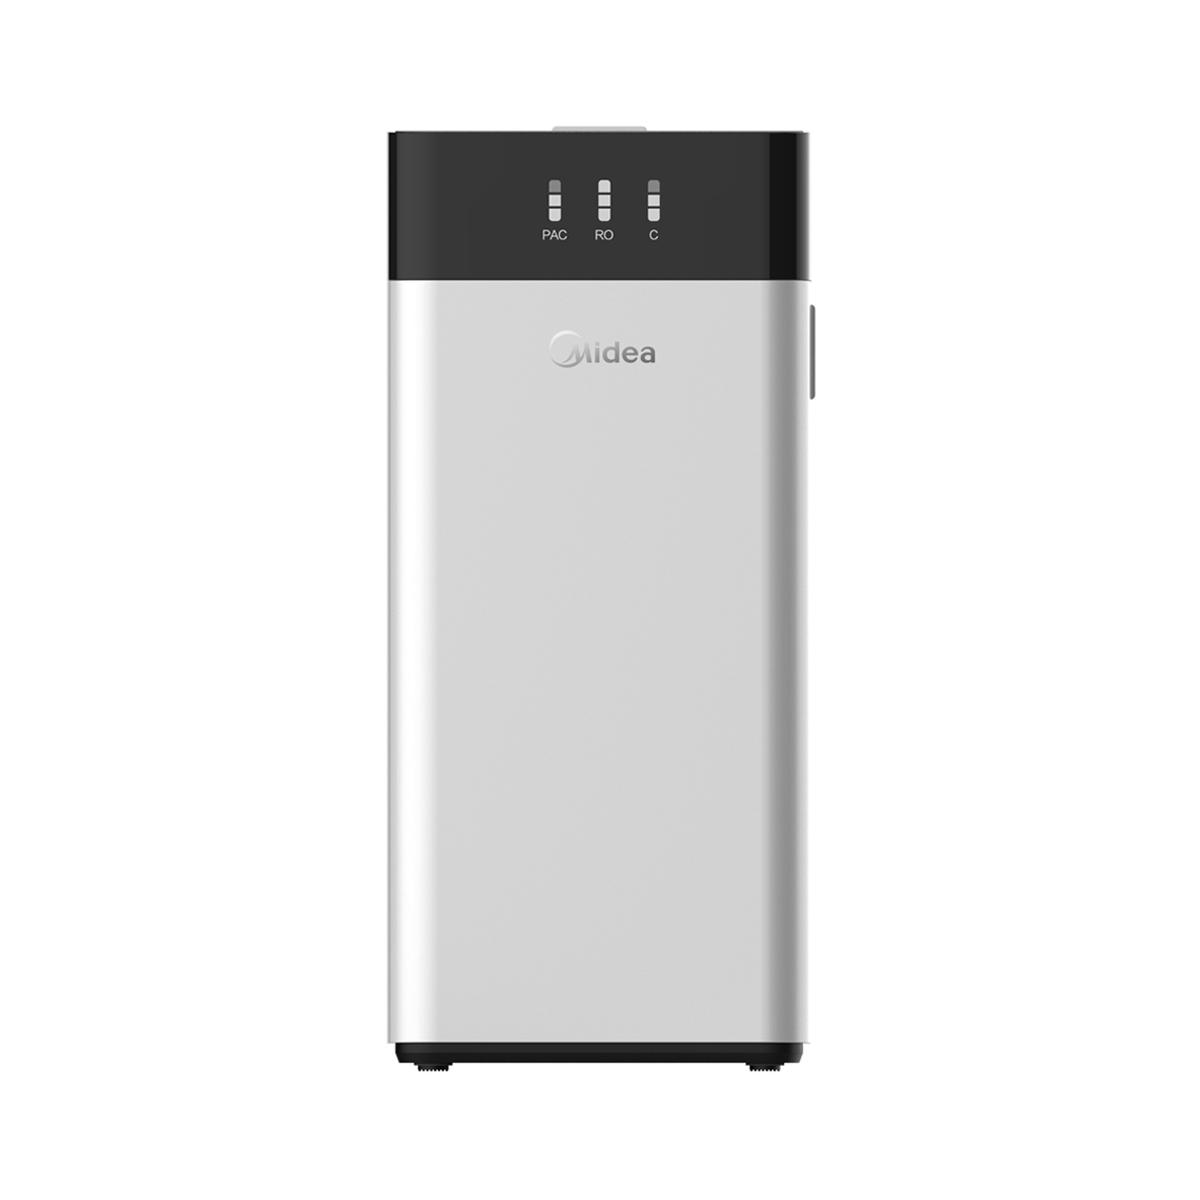 Midea/美的 MRC1880B-500G净水机 说明书.pdf